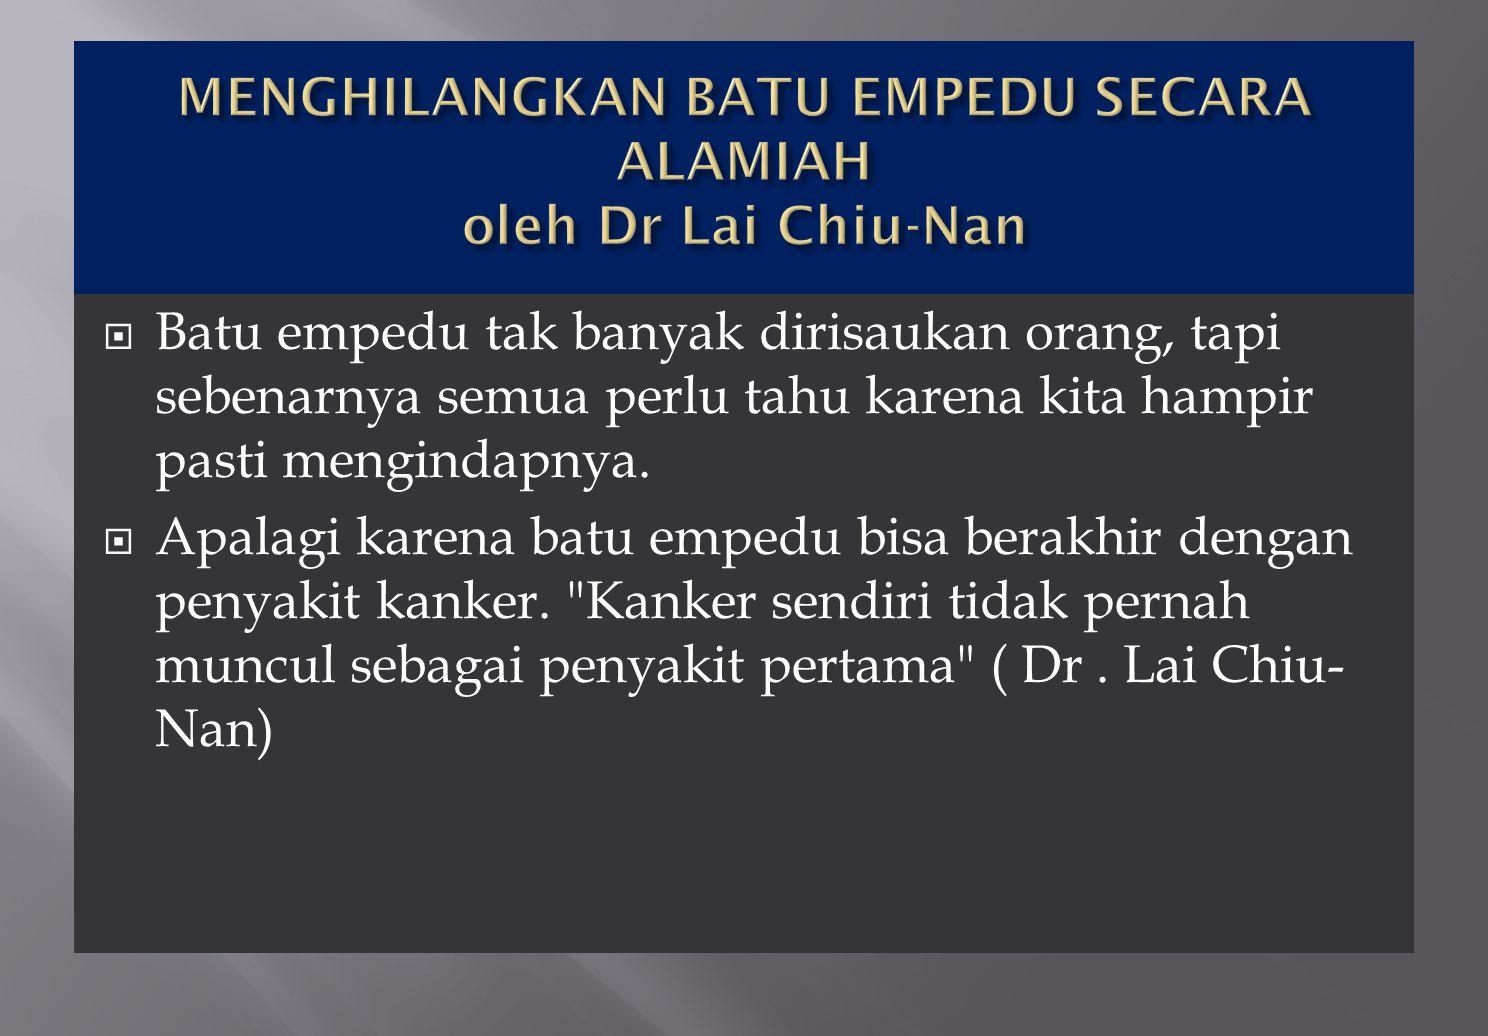 MENGHILANGKAN BATU EMPEDU SECARA ALAMIAH oleh Dr Lai Chiu-Nan